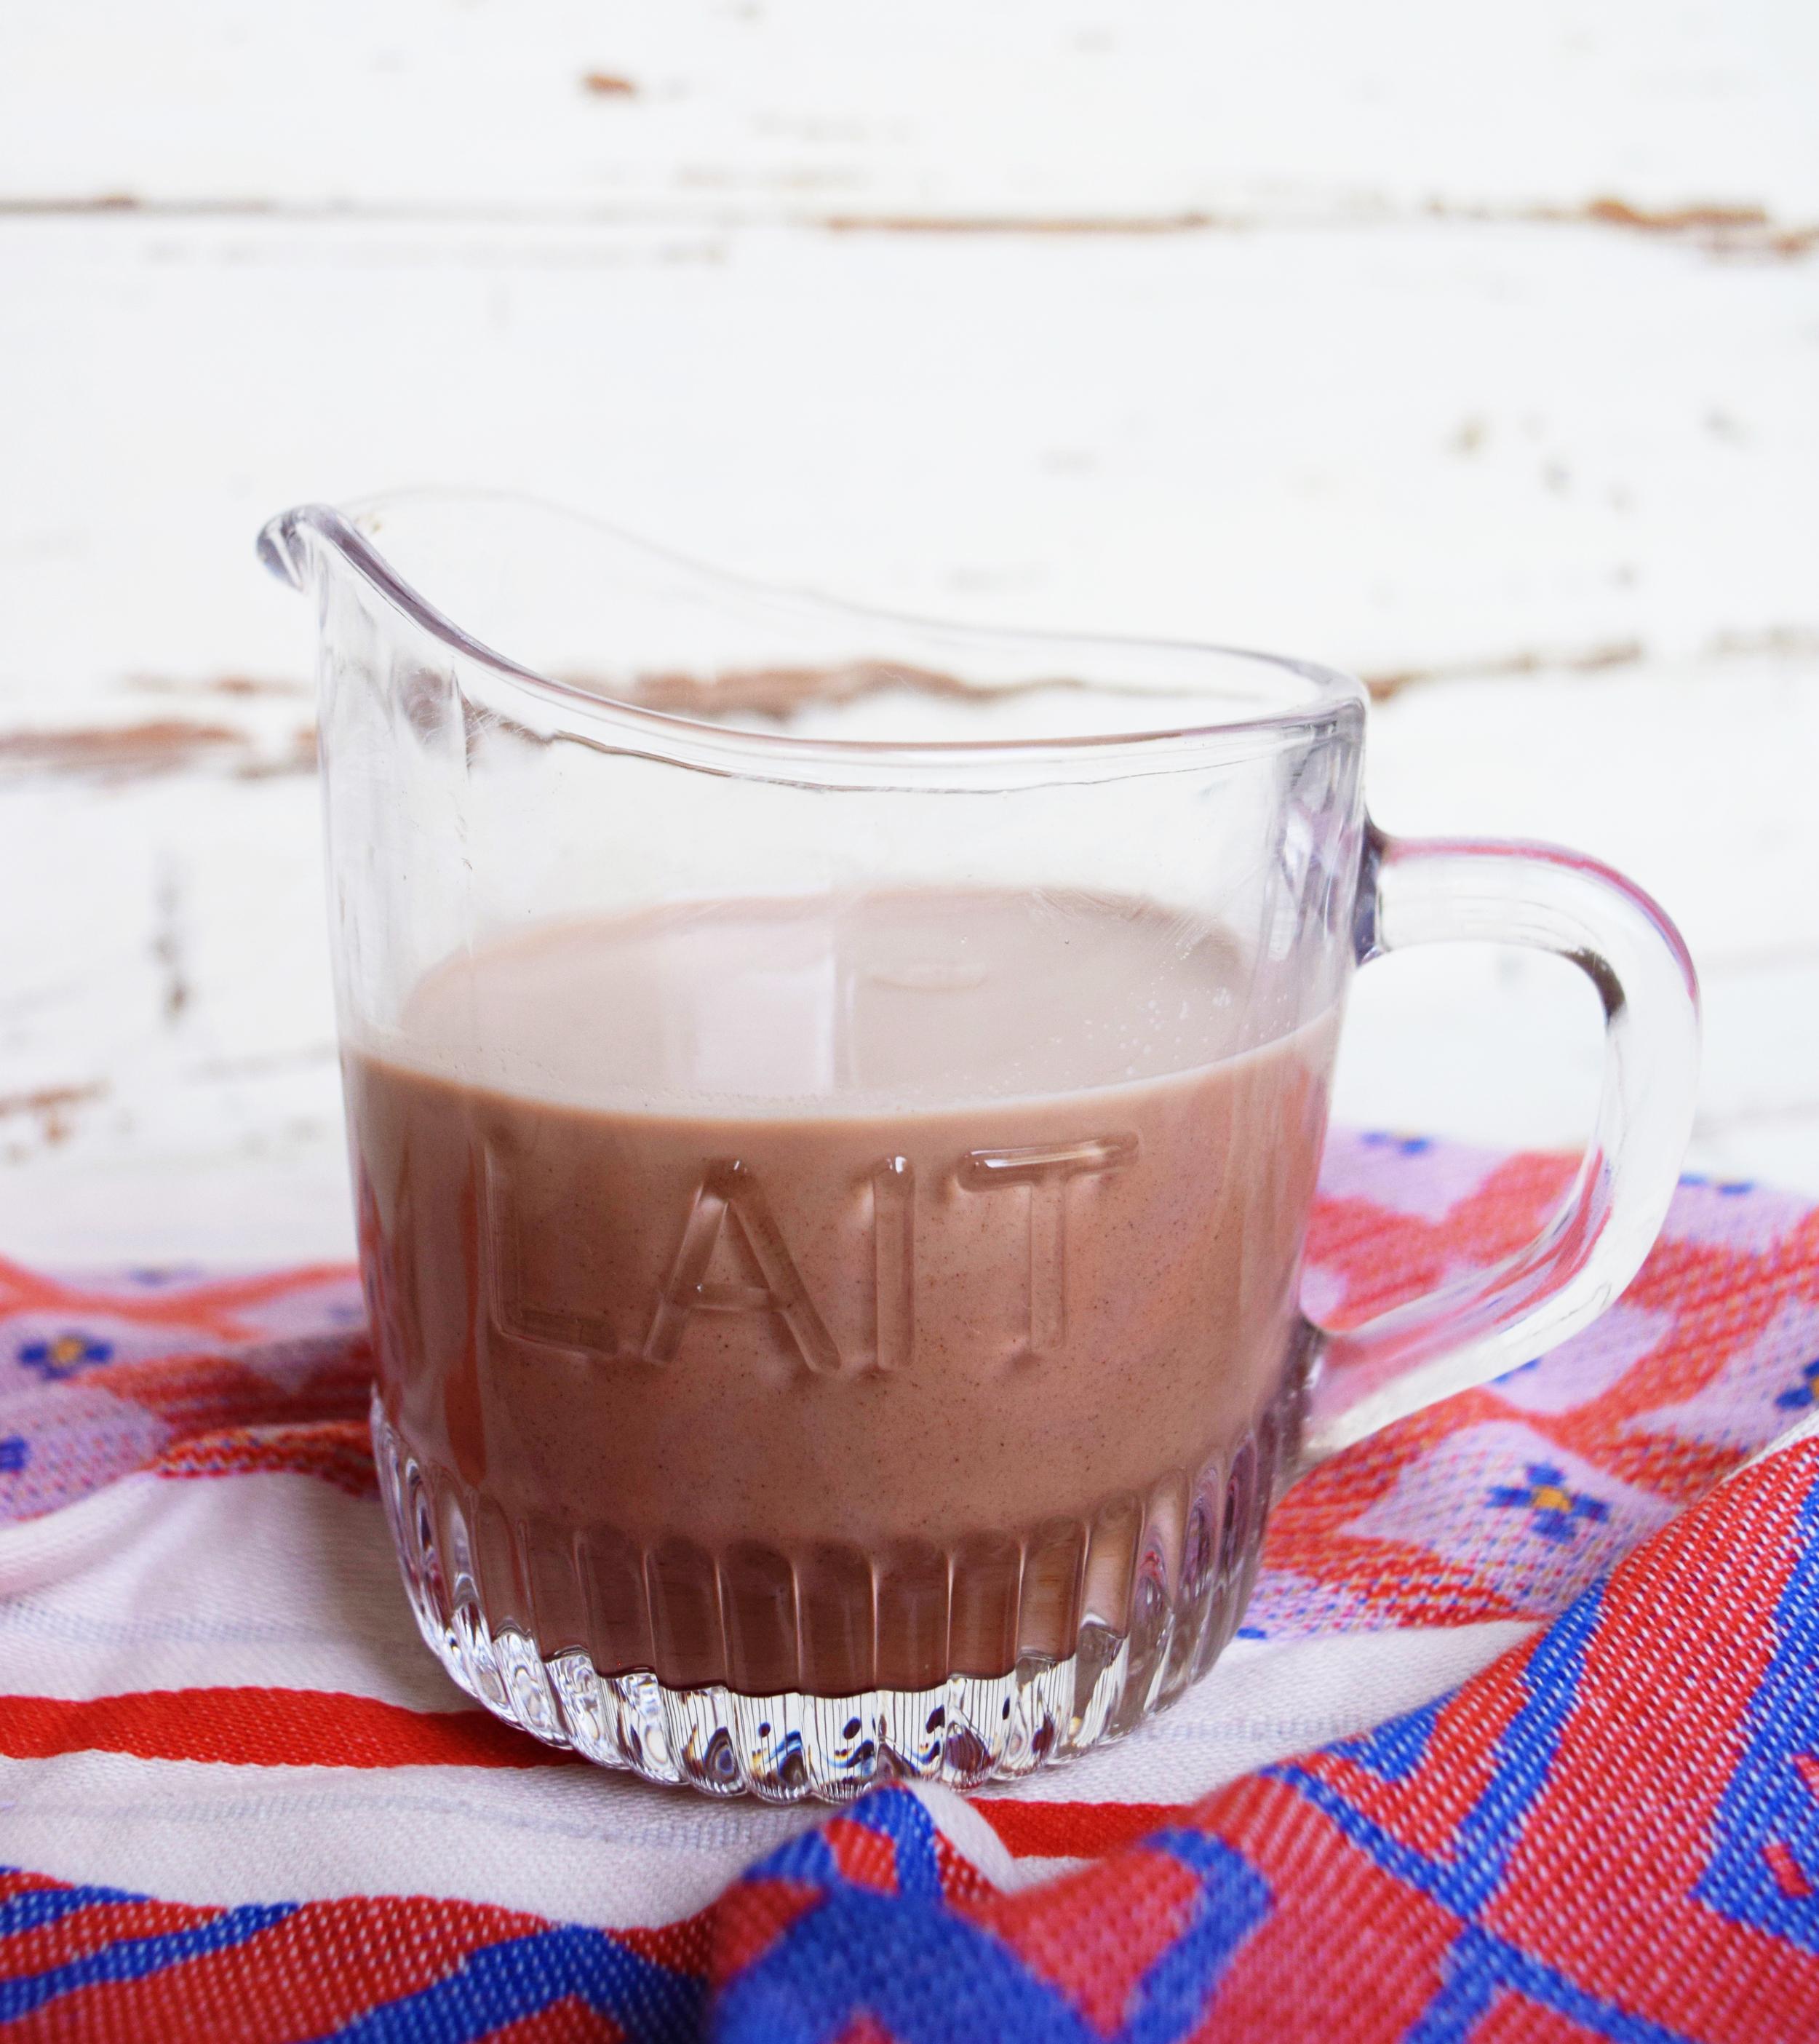 How to Make Chocolate Hemp Milk | Selva Beat Magazine